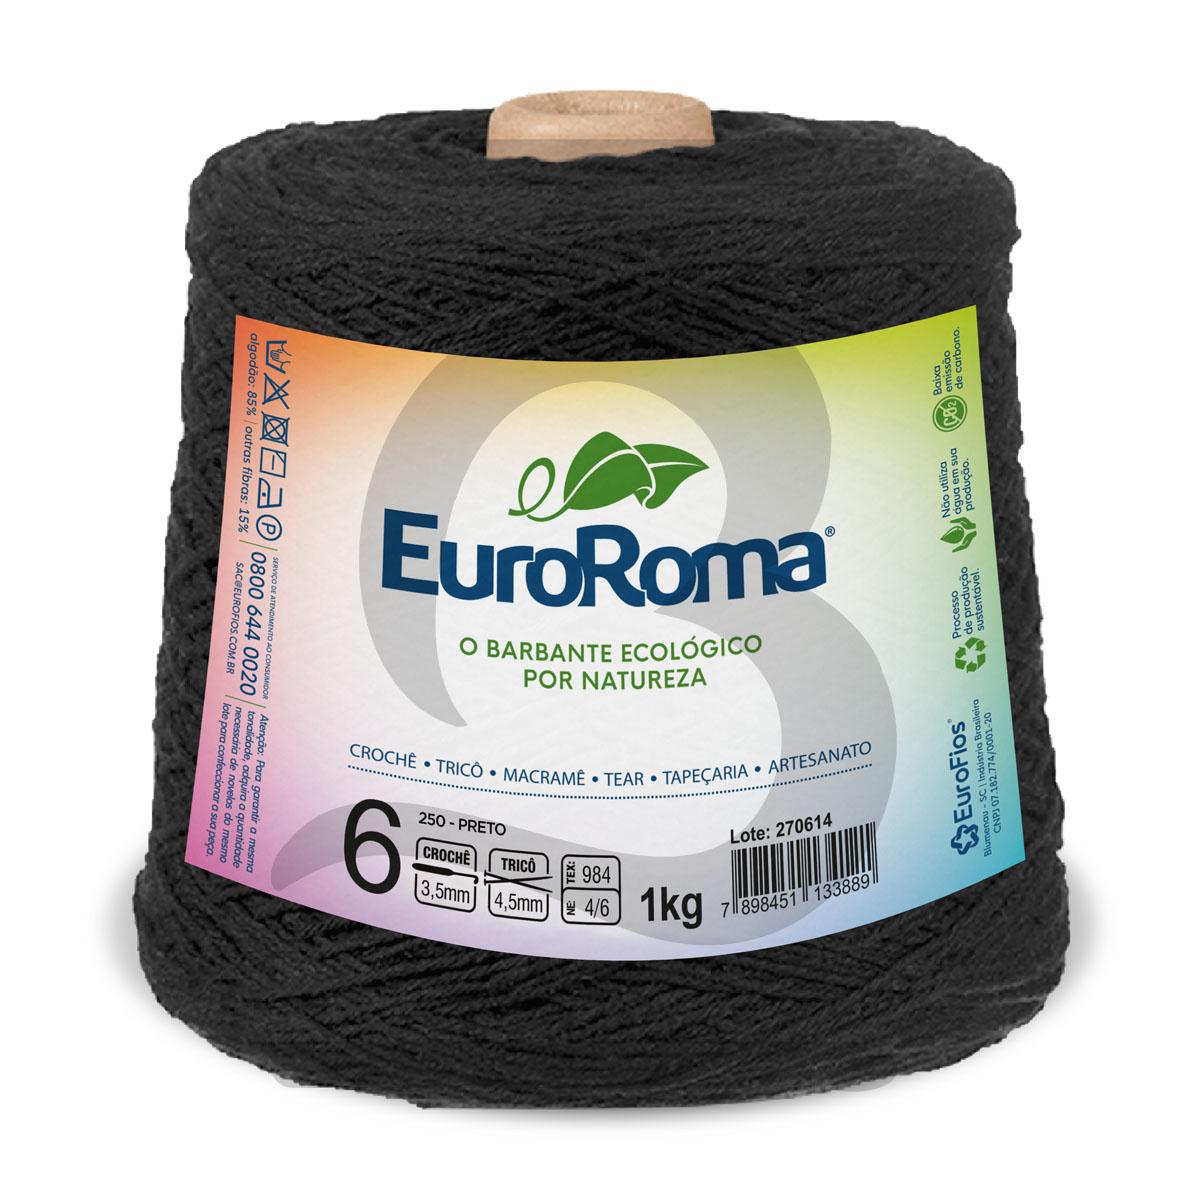 Barbante EuroRoma Colorido N°6 - 1kg Cor 250 Preto